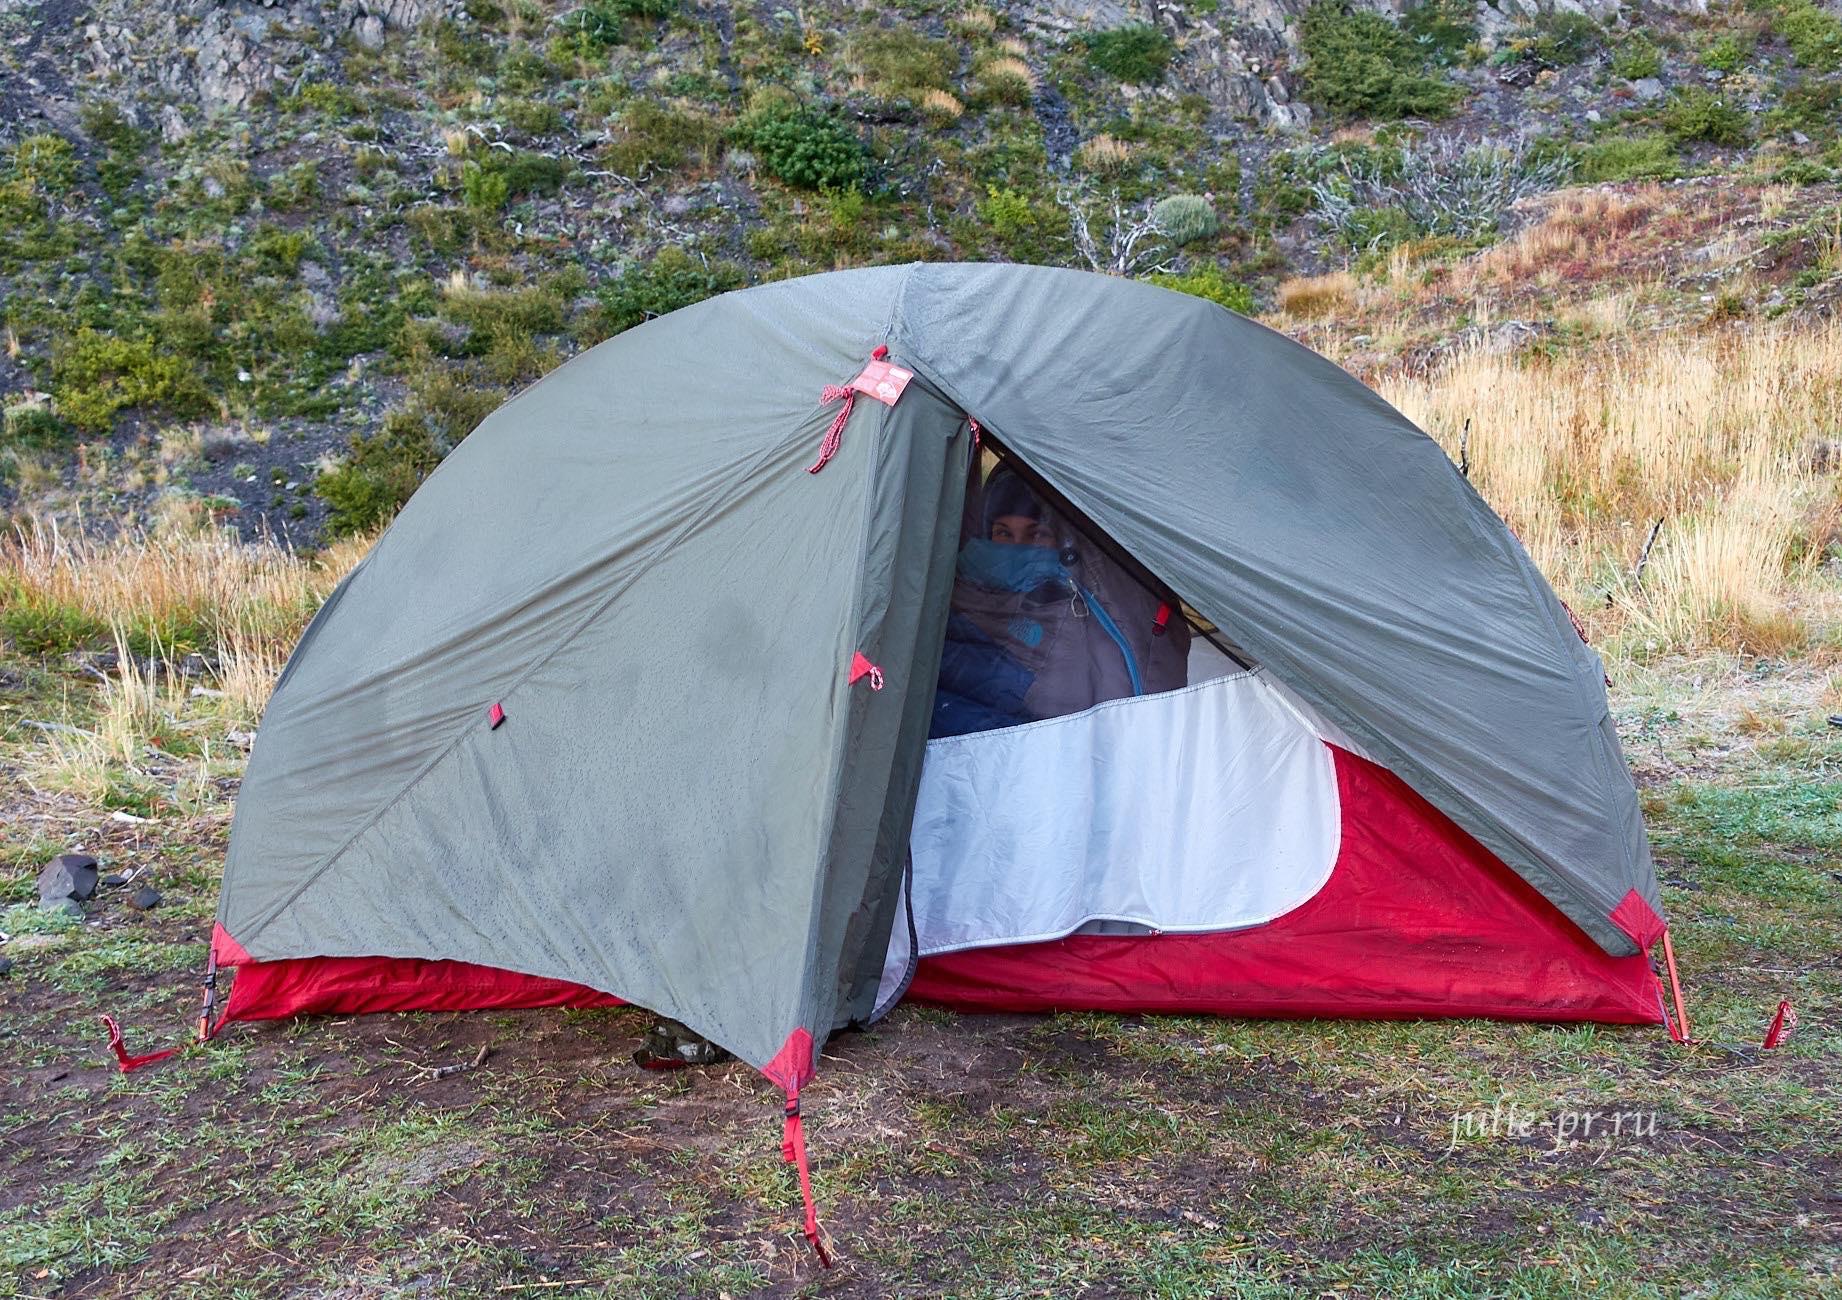 Чили, Патагония, Торрес-дель-Пайне, палатка